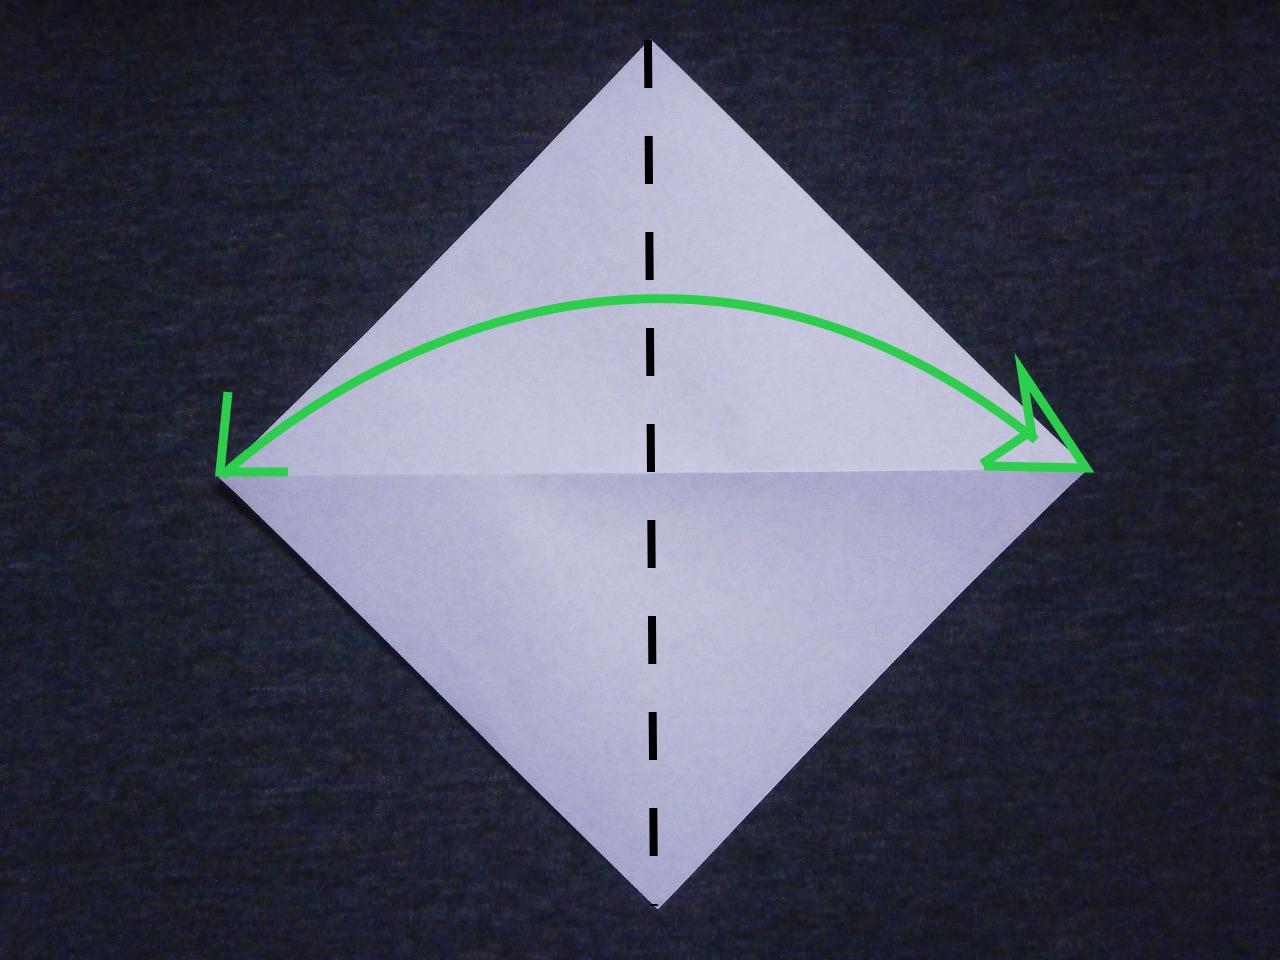 KATAKOTO ORIGAMI: How to fold an origami snake - photo#13